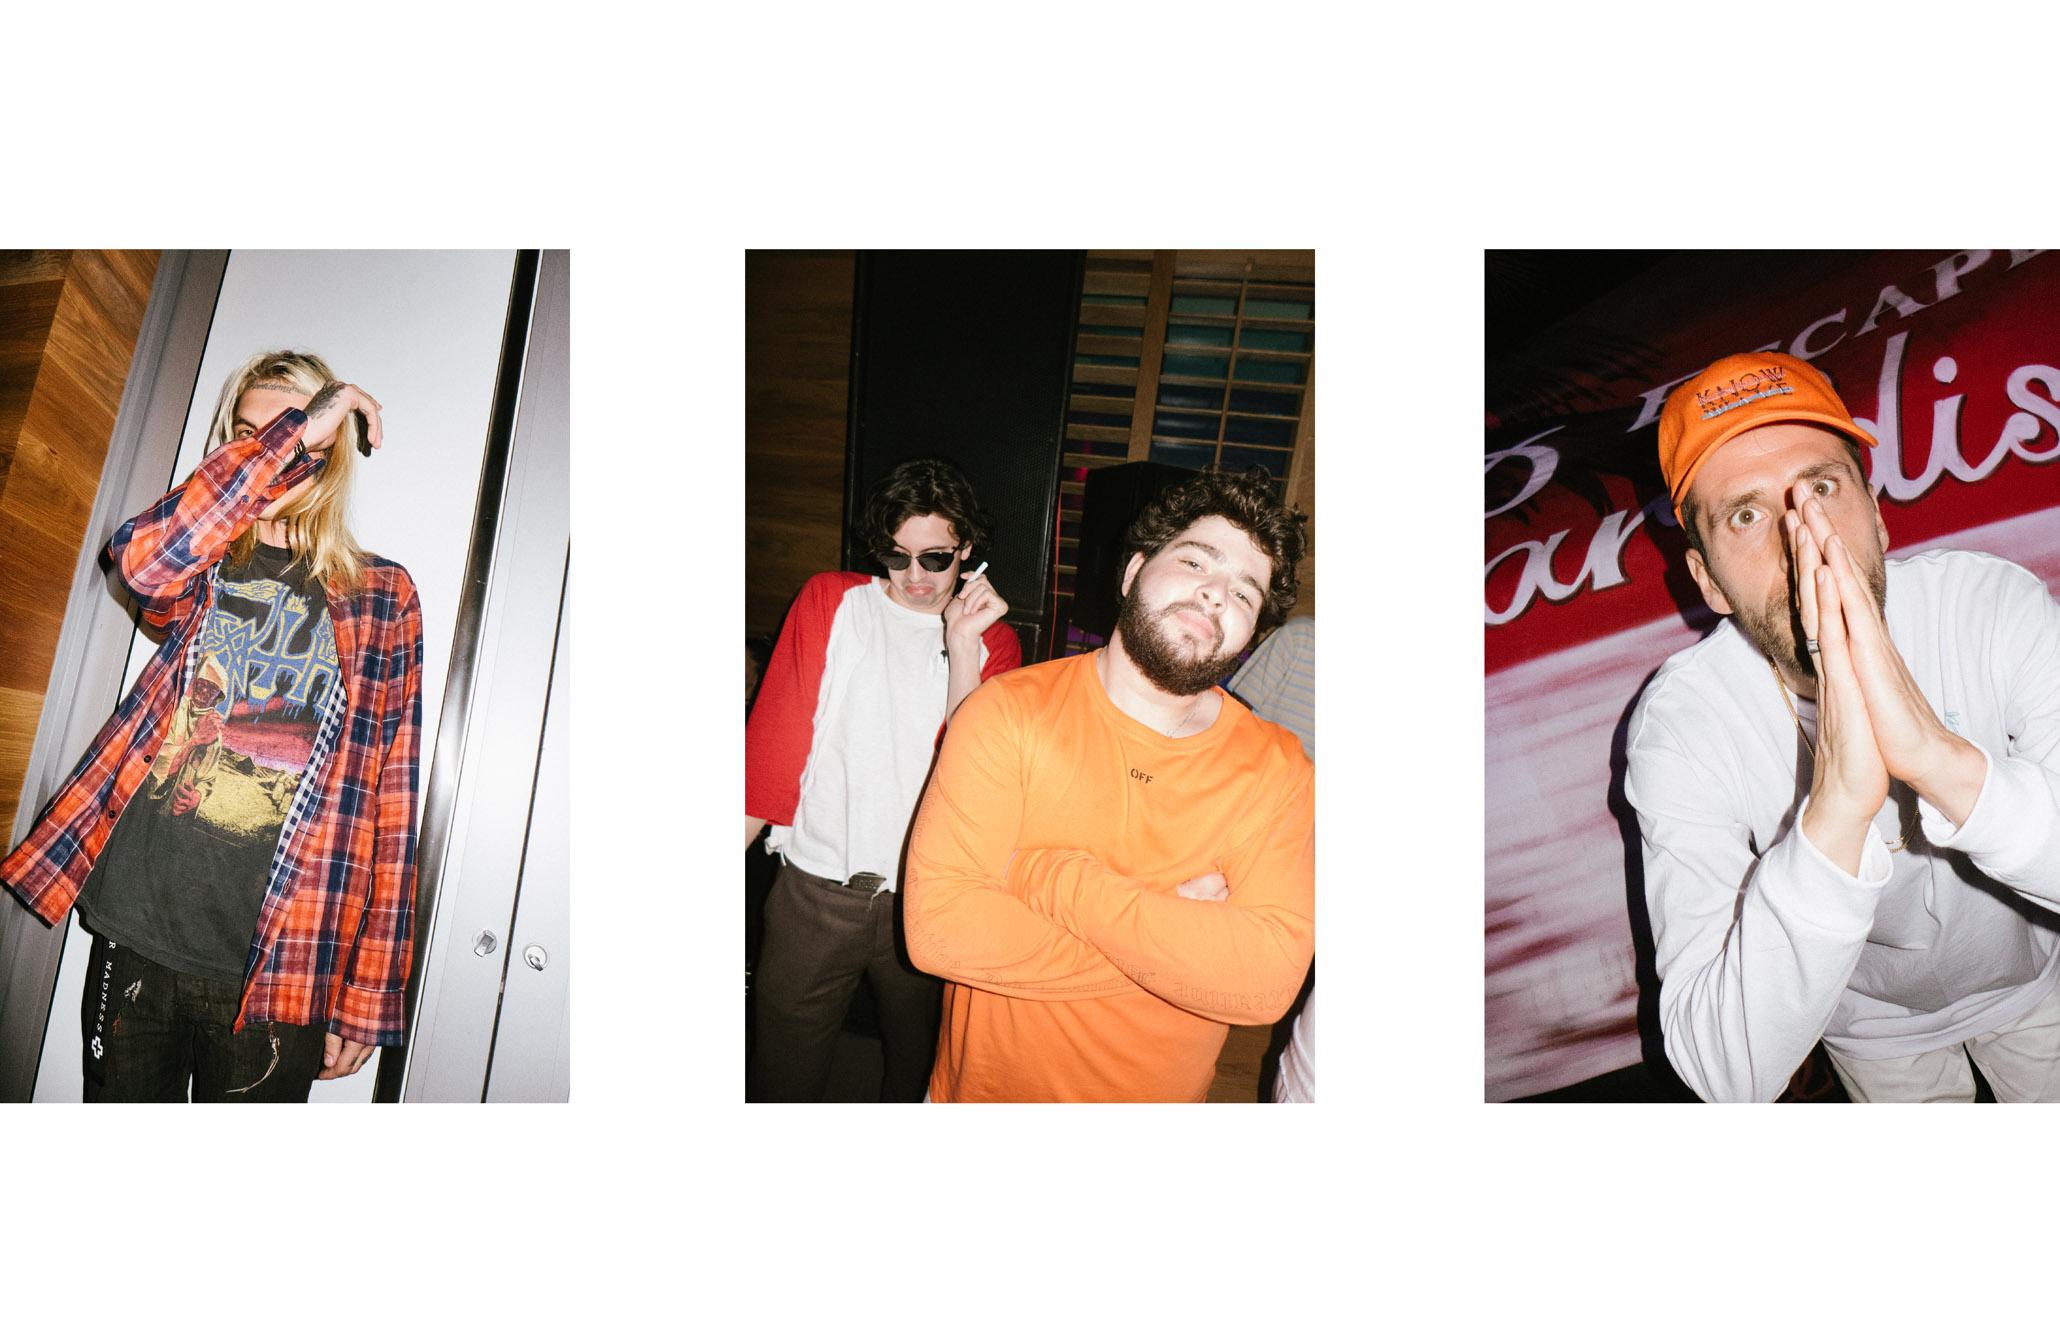 Bradley Soileau,Gianni Mora, Alex Gucci2times2,Michael Dupouy.